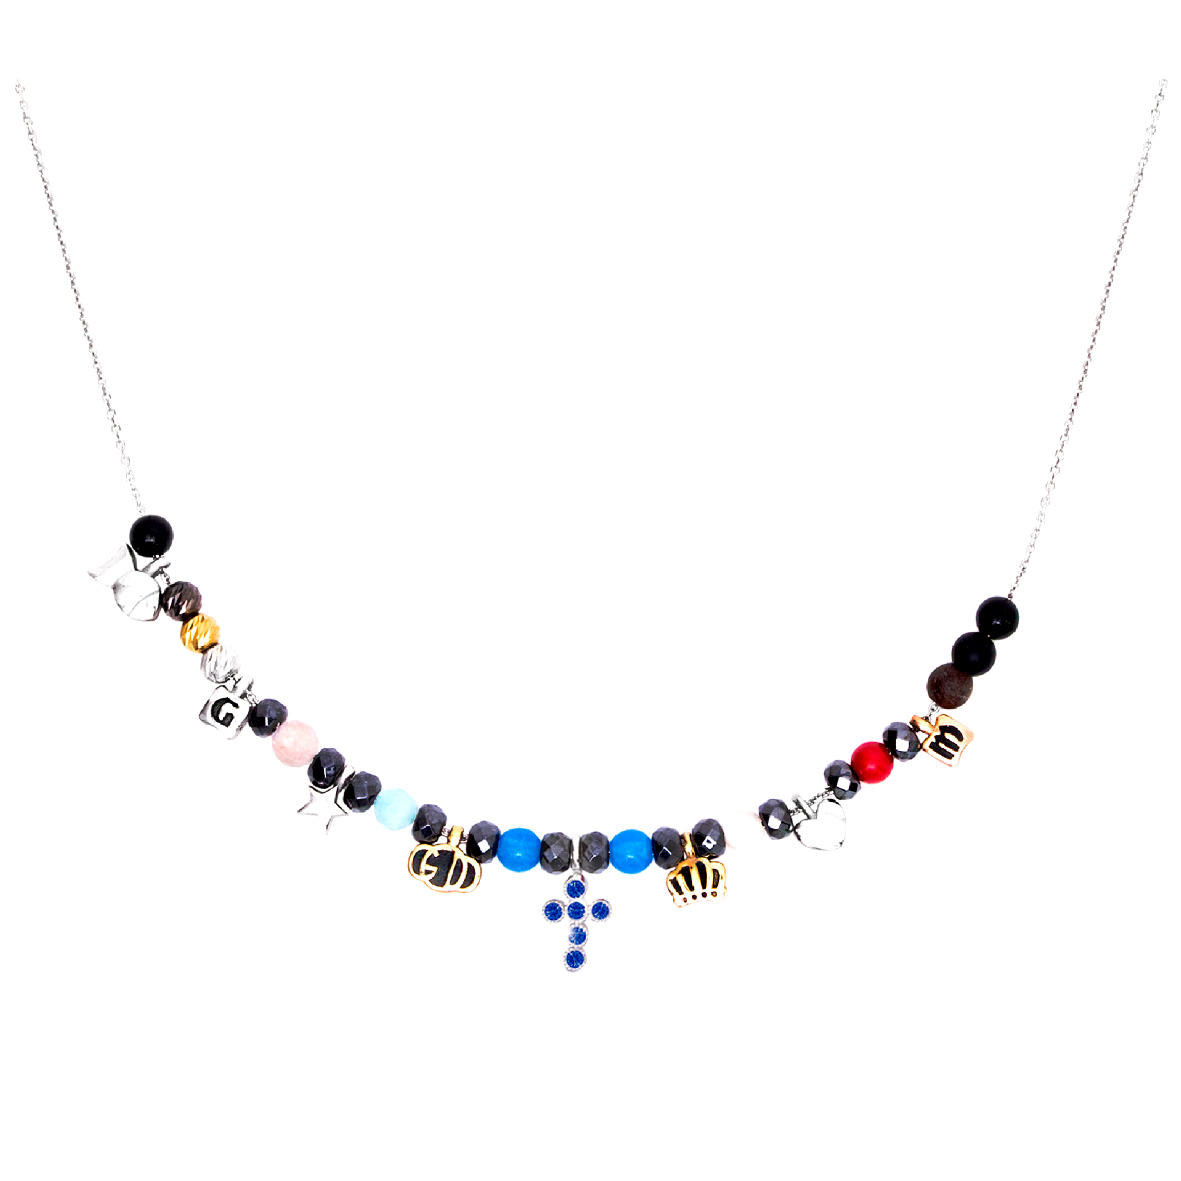 Collana religiosa Agios gioielli Iesus in argento e pietre naturali con croce blu